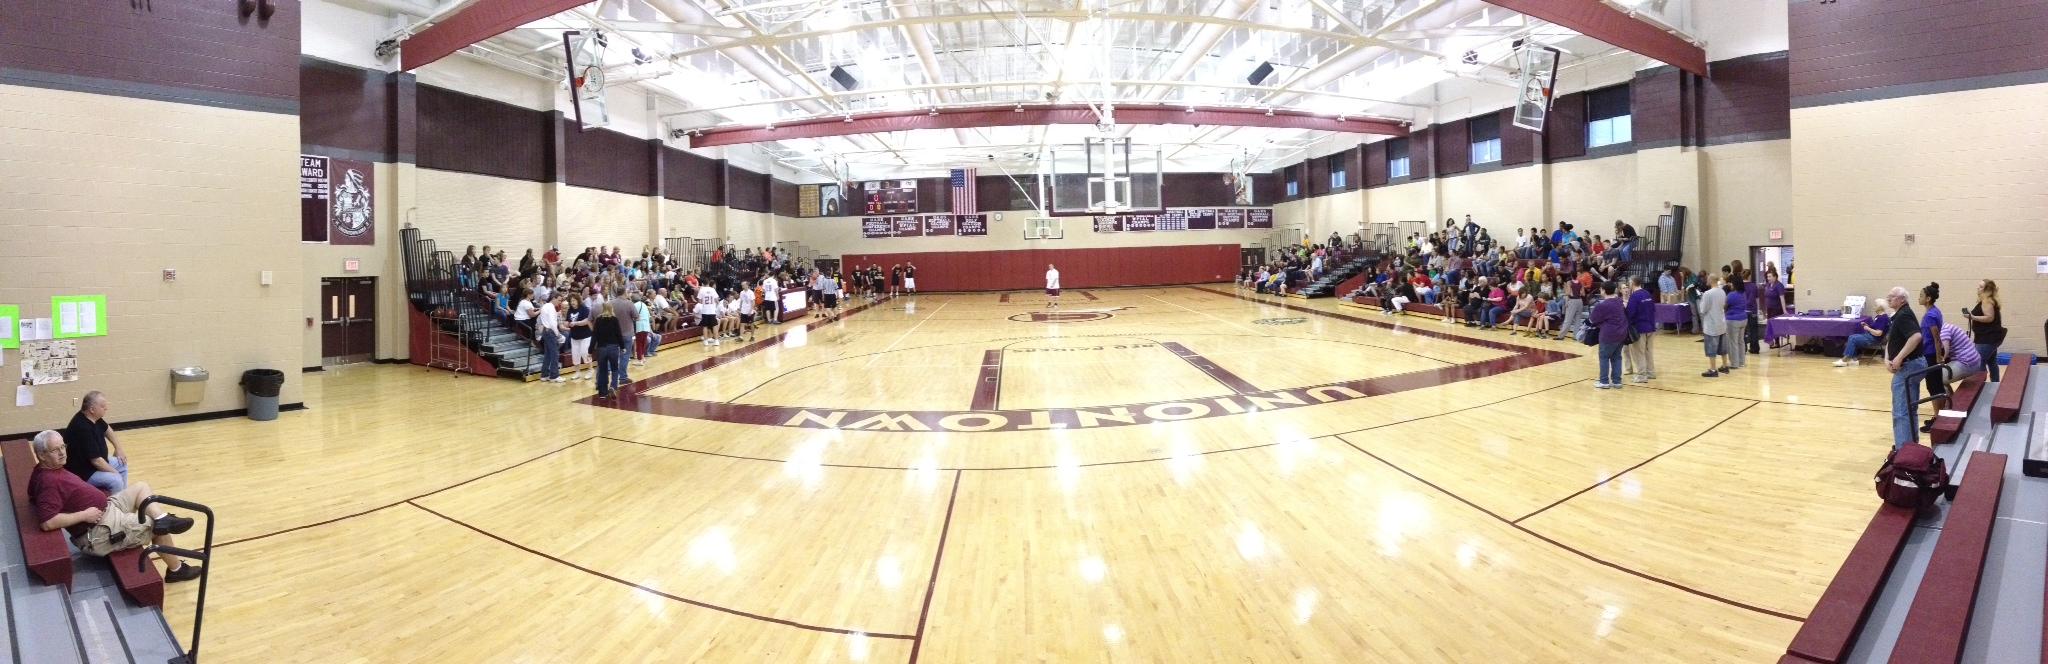 File:A  J  Everhart, Jr  Memorial Gymnasium - Uniontown Area